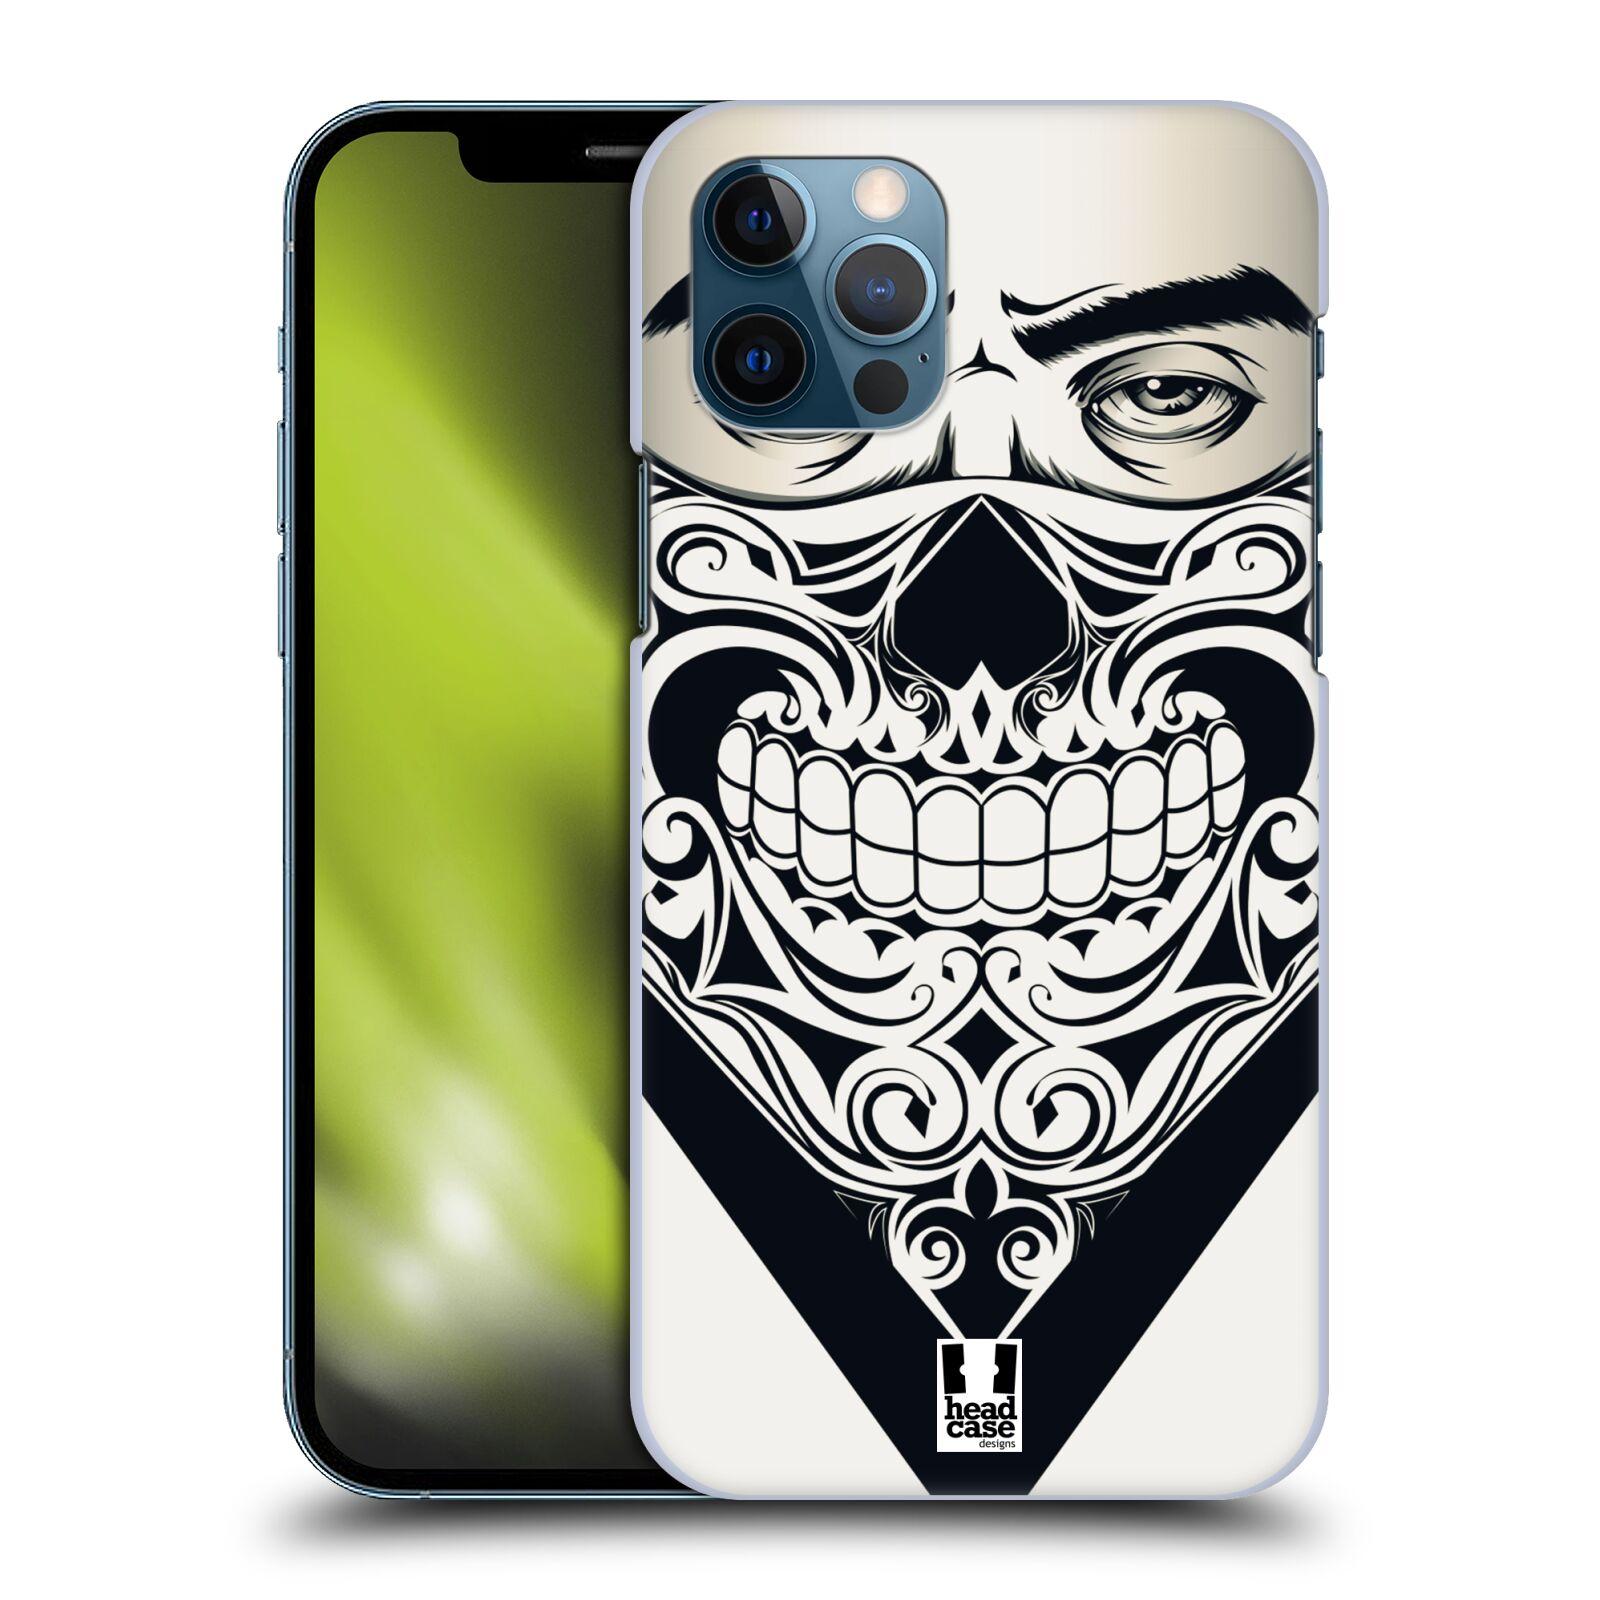 Plastové pouzdro na mobil Apple iPhone 12 / 12 Pro - Head Case - LEBKA BANDANA